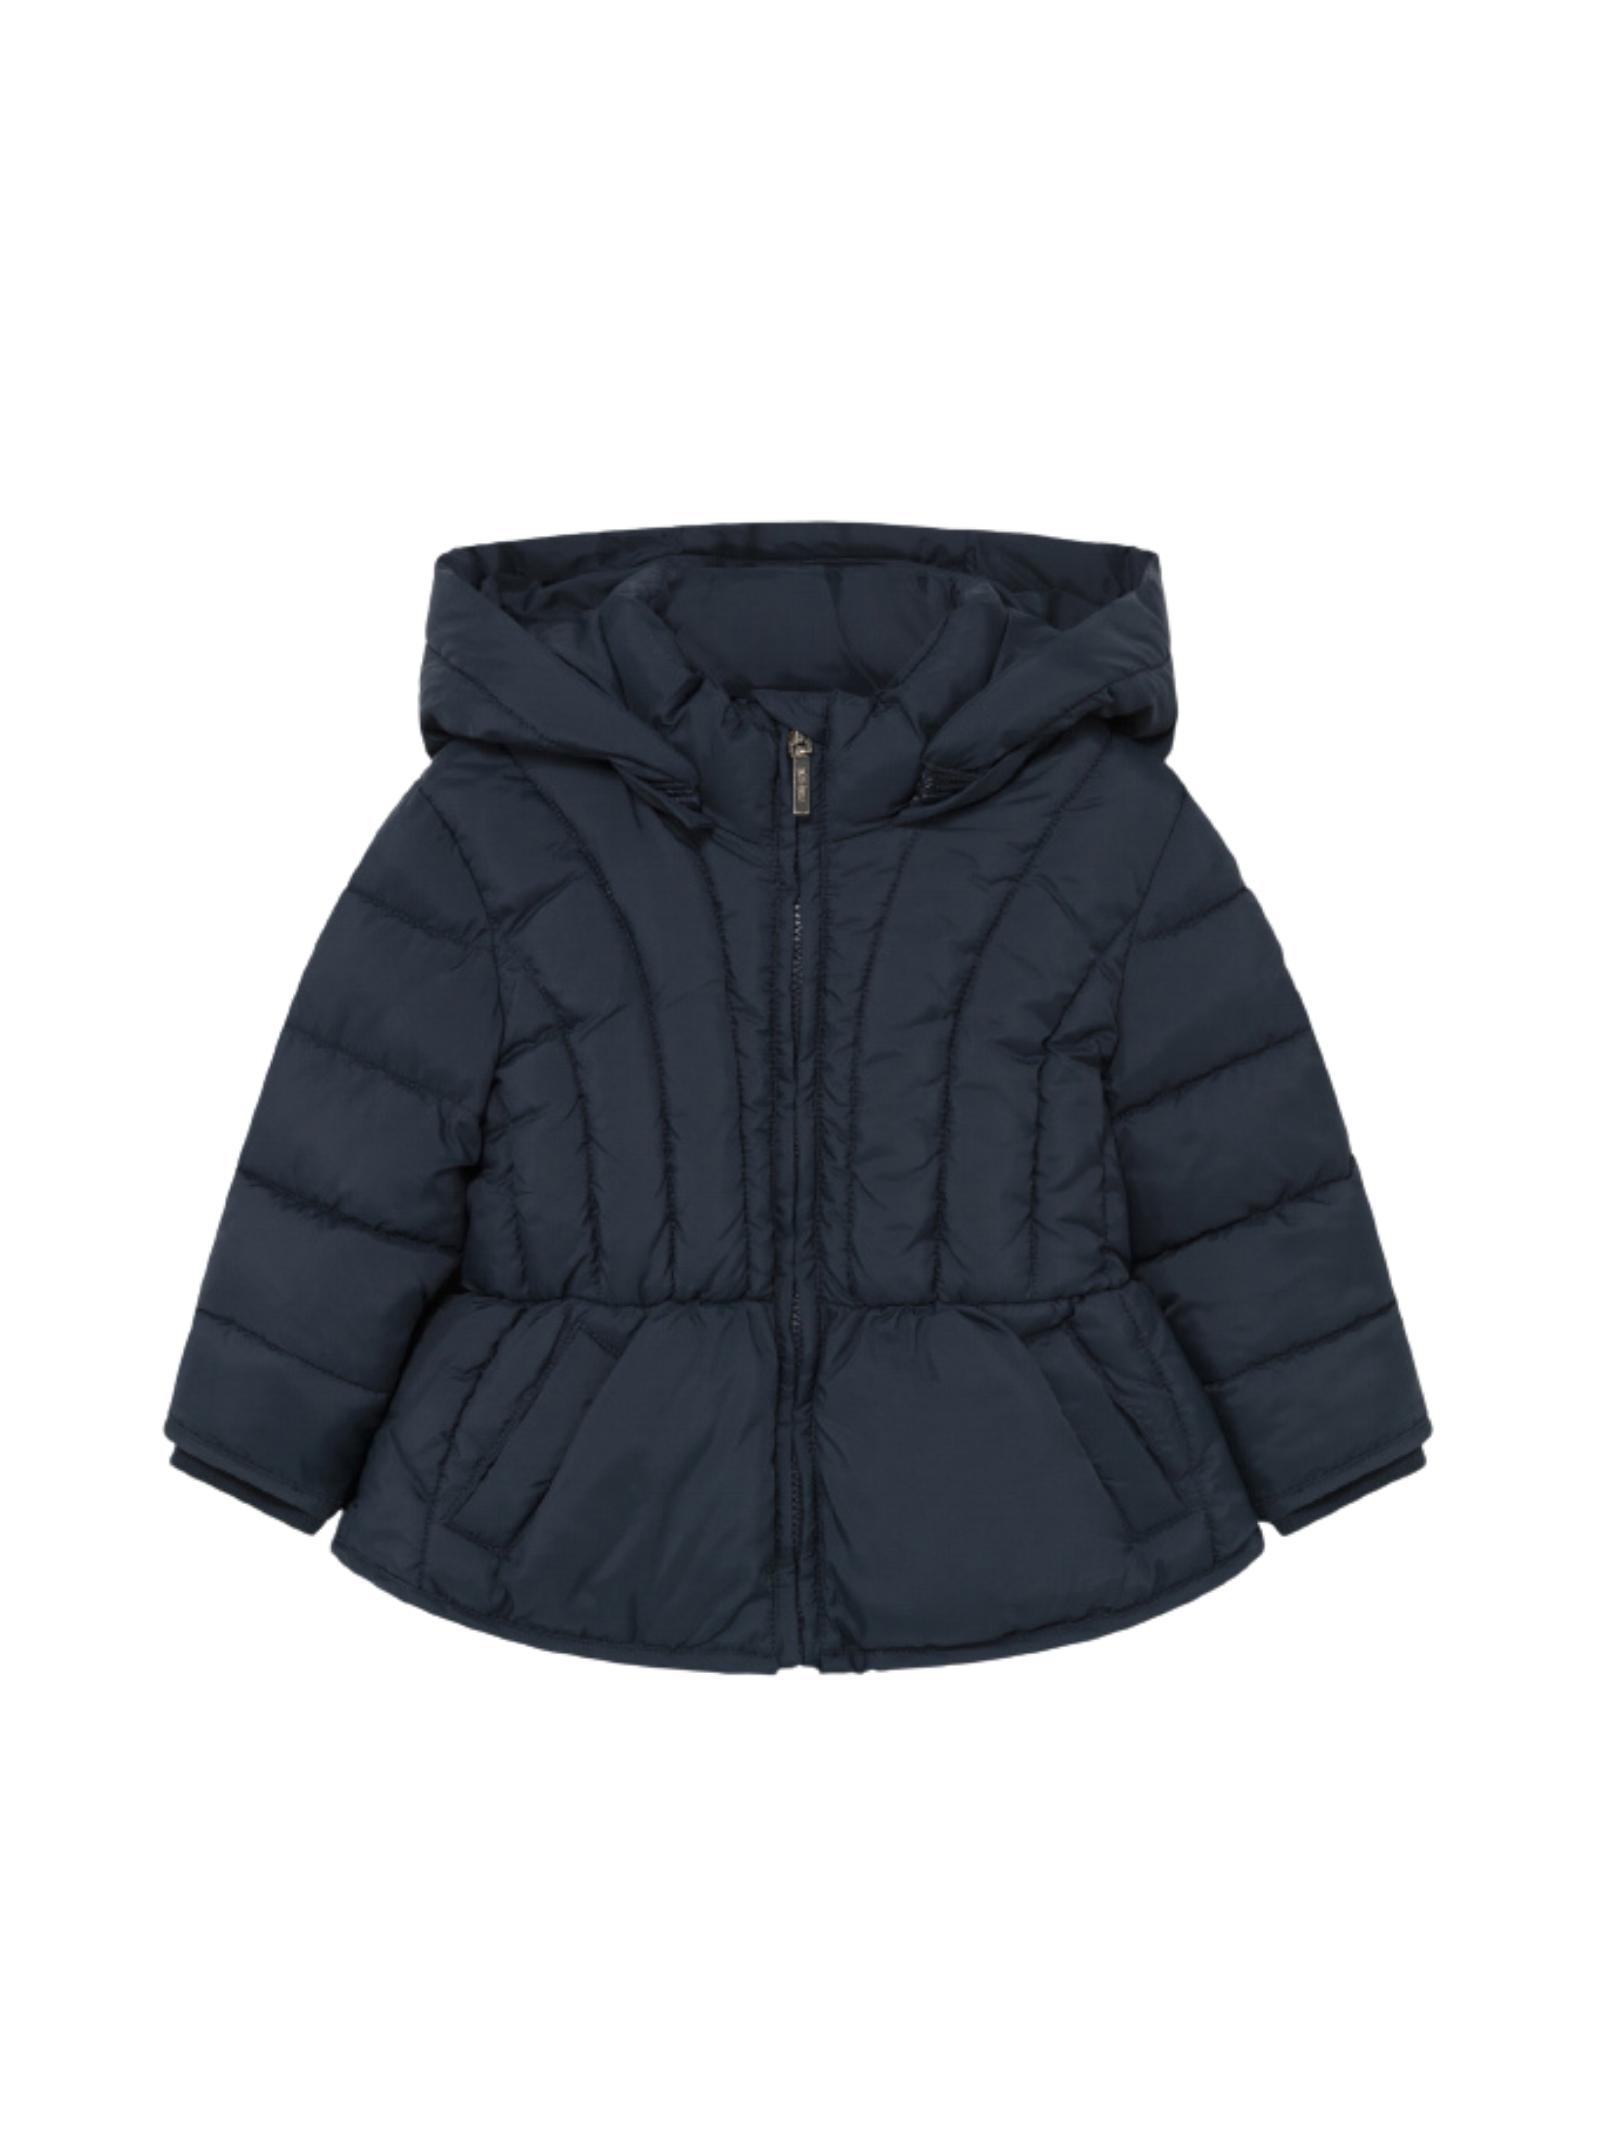 Girls Solid Color Jacket MAYORAL   Jackets   414046